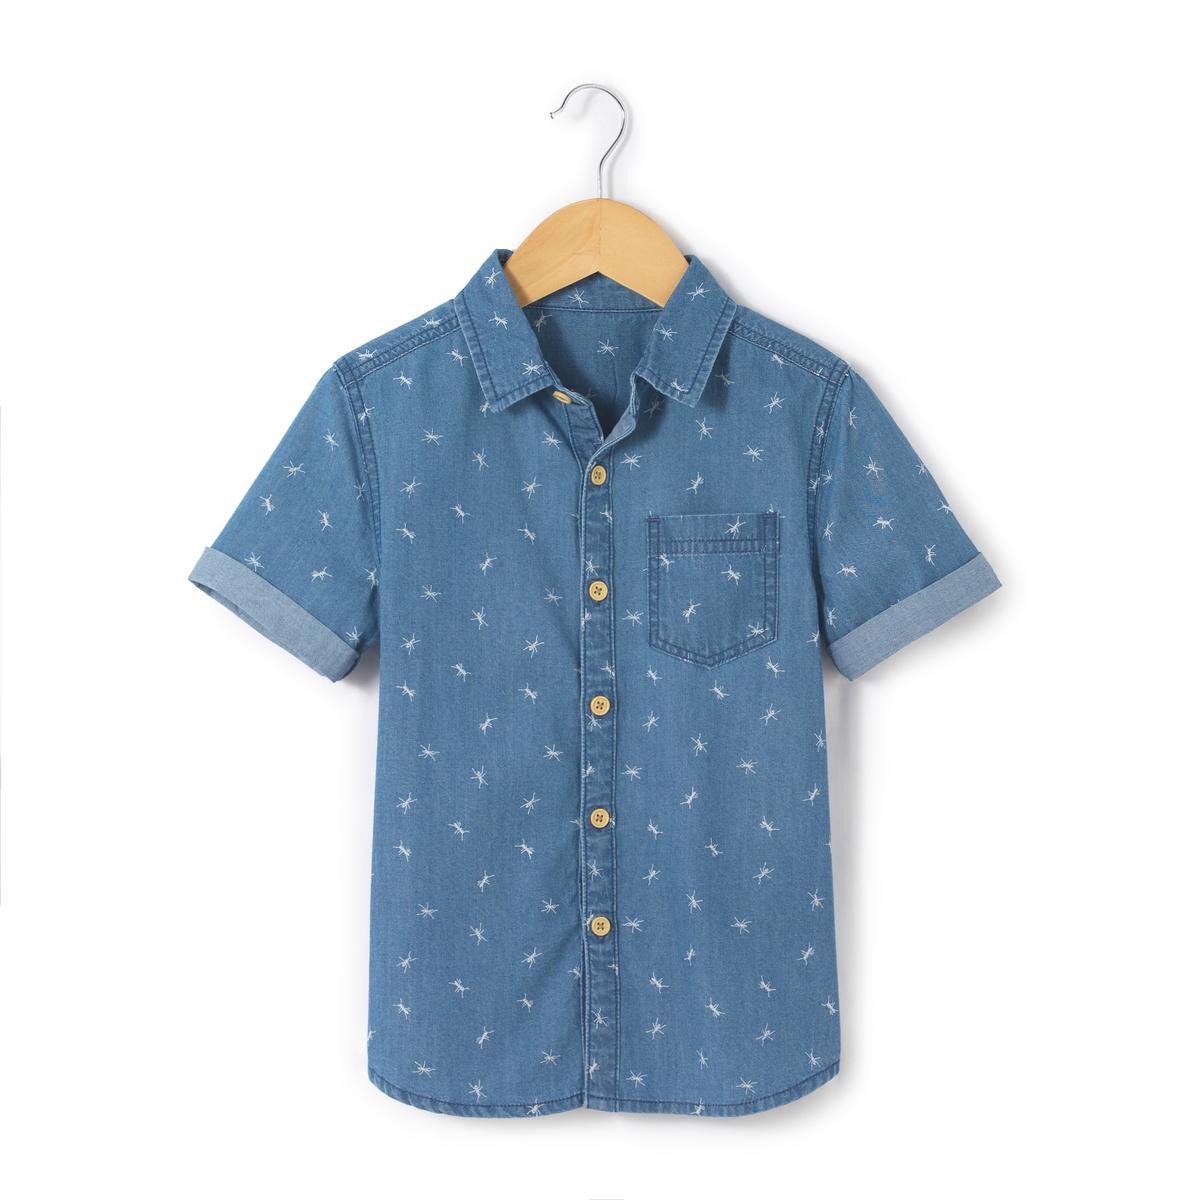 Рубашка с короткими рукавами и рисунком, 3-12 летРубашка с короткими рукавами. Небольшой рисунок муравей. 1 нагрудный карман. Застежка на пуговицы. Состав и описание : Материал          100% хлопокМарка          abcd'RУход :Машинная стирка при 30 °C с вещами схожих цветовСтирать и гладить с изнаночной стороныМашинная сушка запрещенаГладить при низкой температуре<br><br>Цвет: голубой потертый<br>Размер: 5 лет - 108 см.4 года - 102 см.3 года - 94 см.12 лет -150 см.8 лет - 126 см